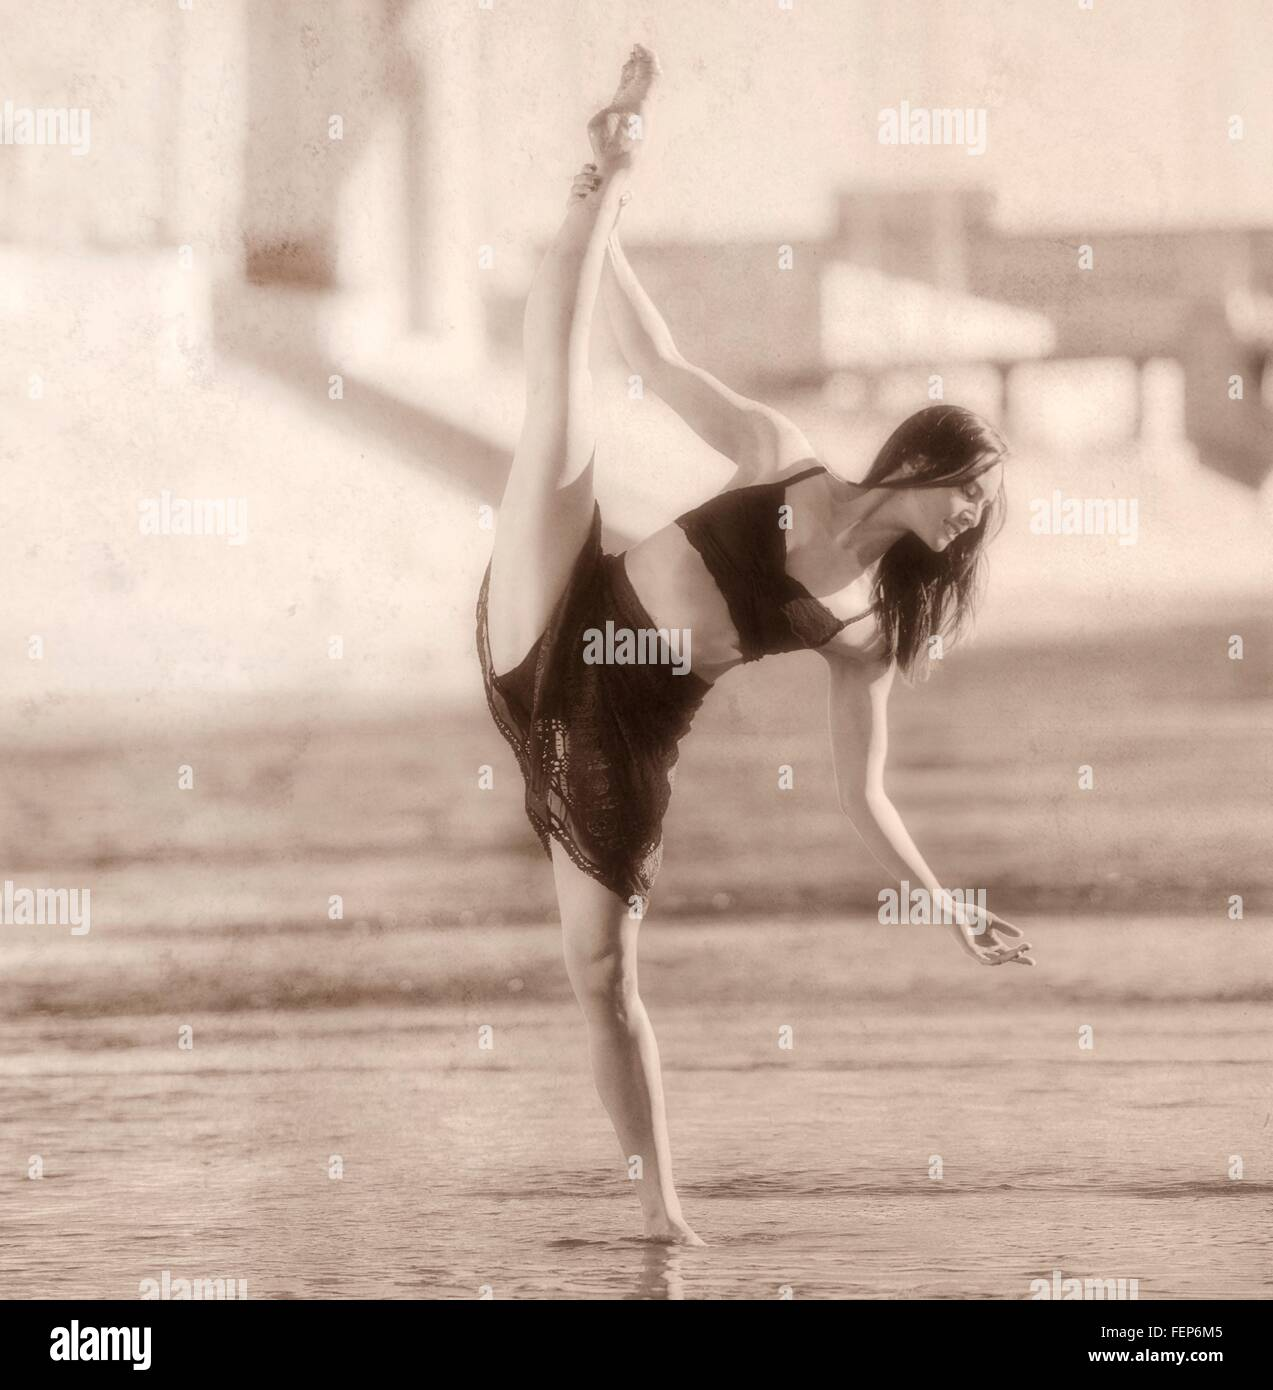 Jeune femme jambe soulevée, en équilibre sur une jambe, b&w, Los Angeles, Californie, USA Photo Stock